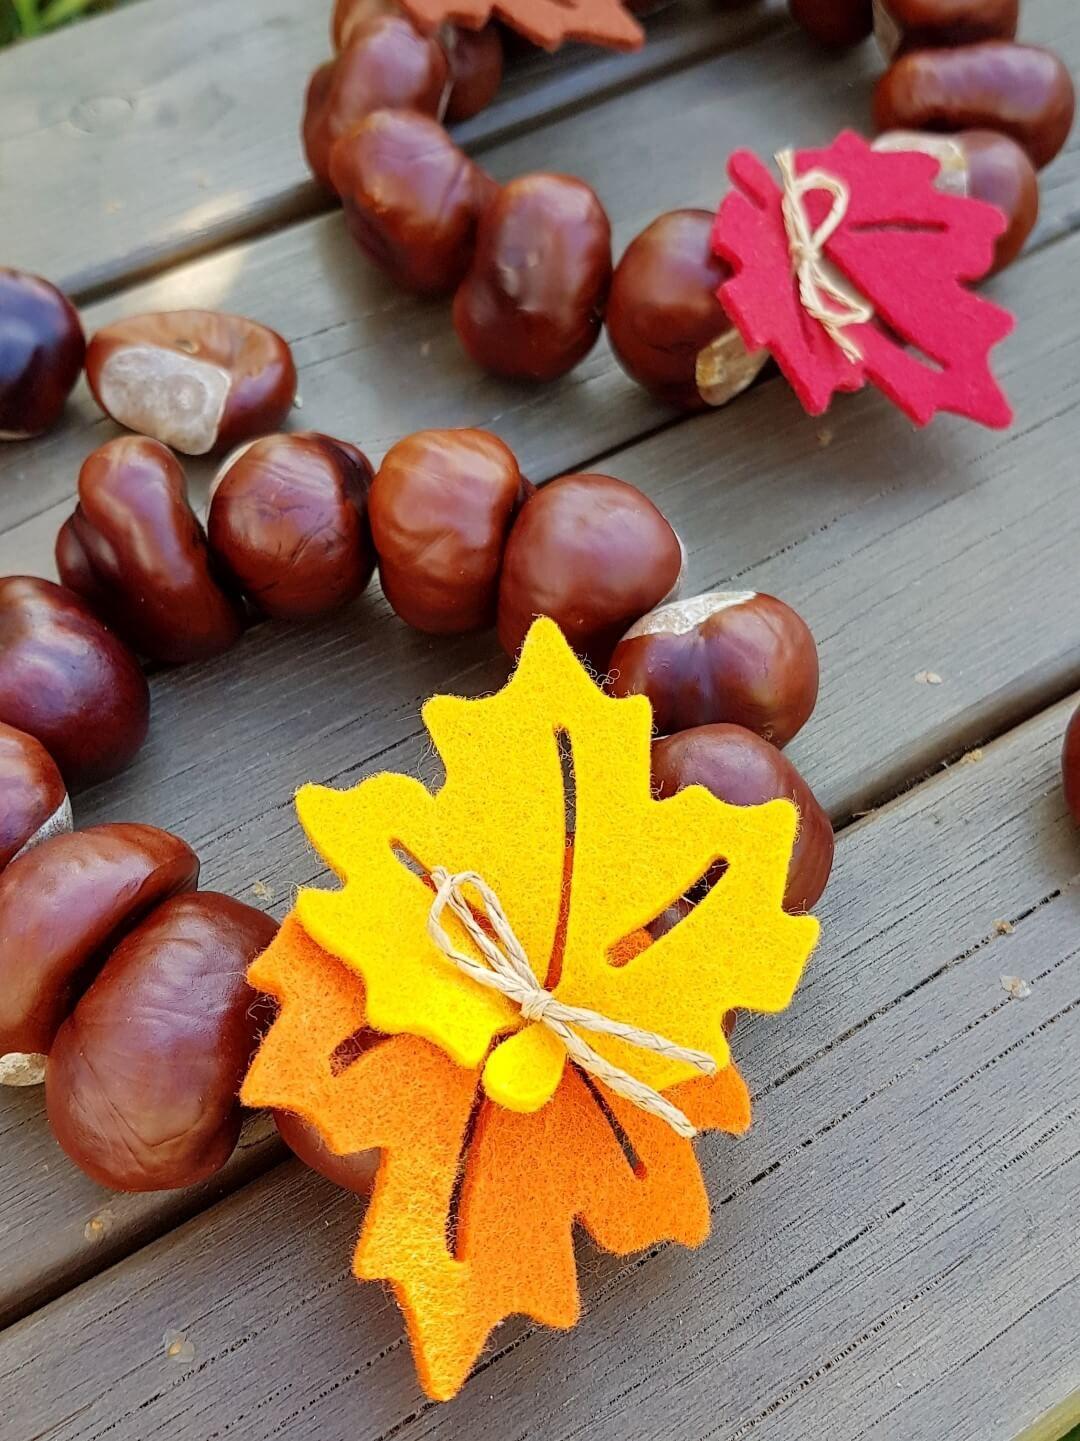 Herbst-Deko: Kastanien-Kränze und andere Ideen | Kerstin und das Chaos